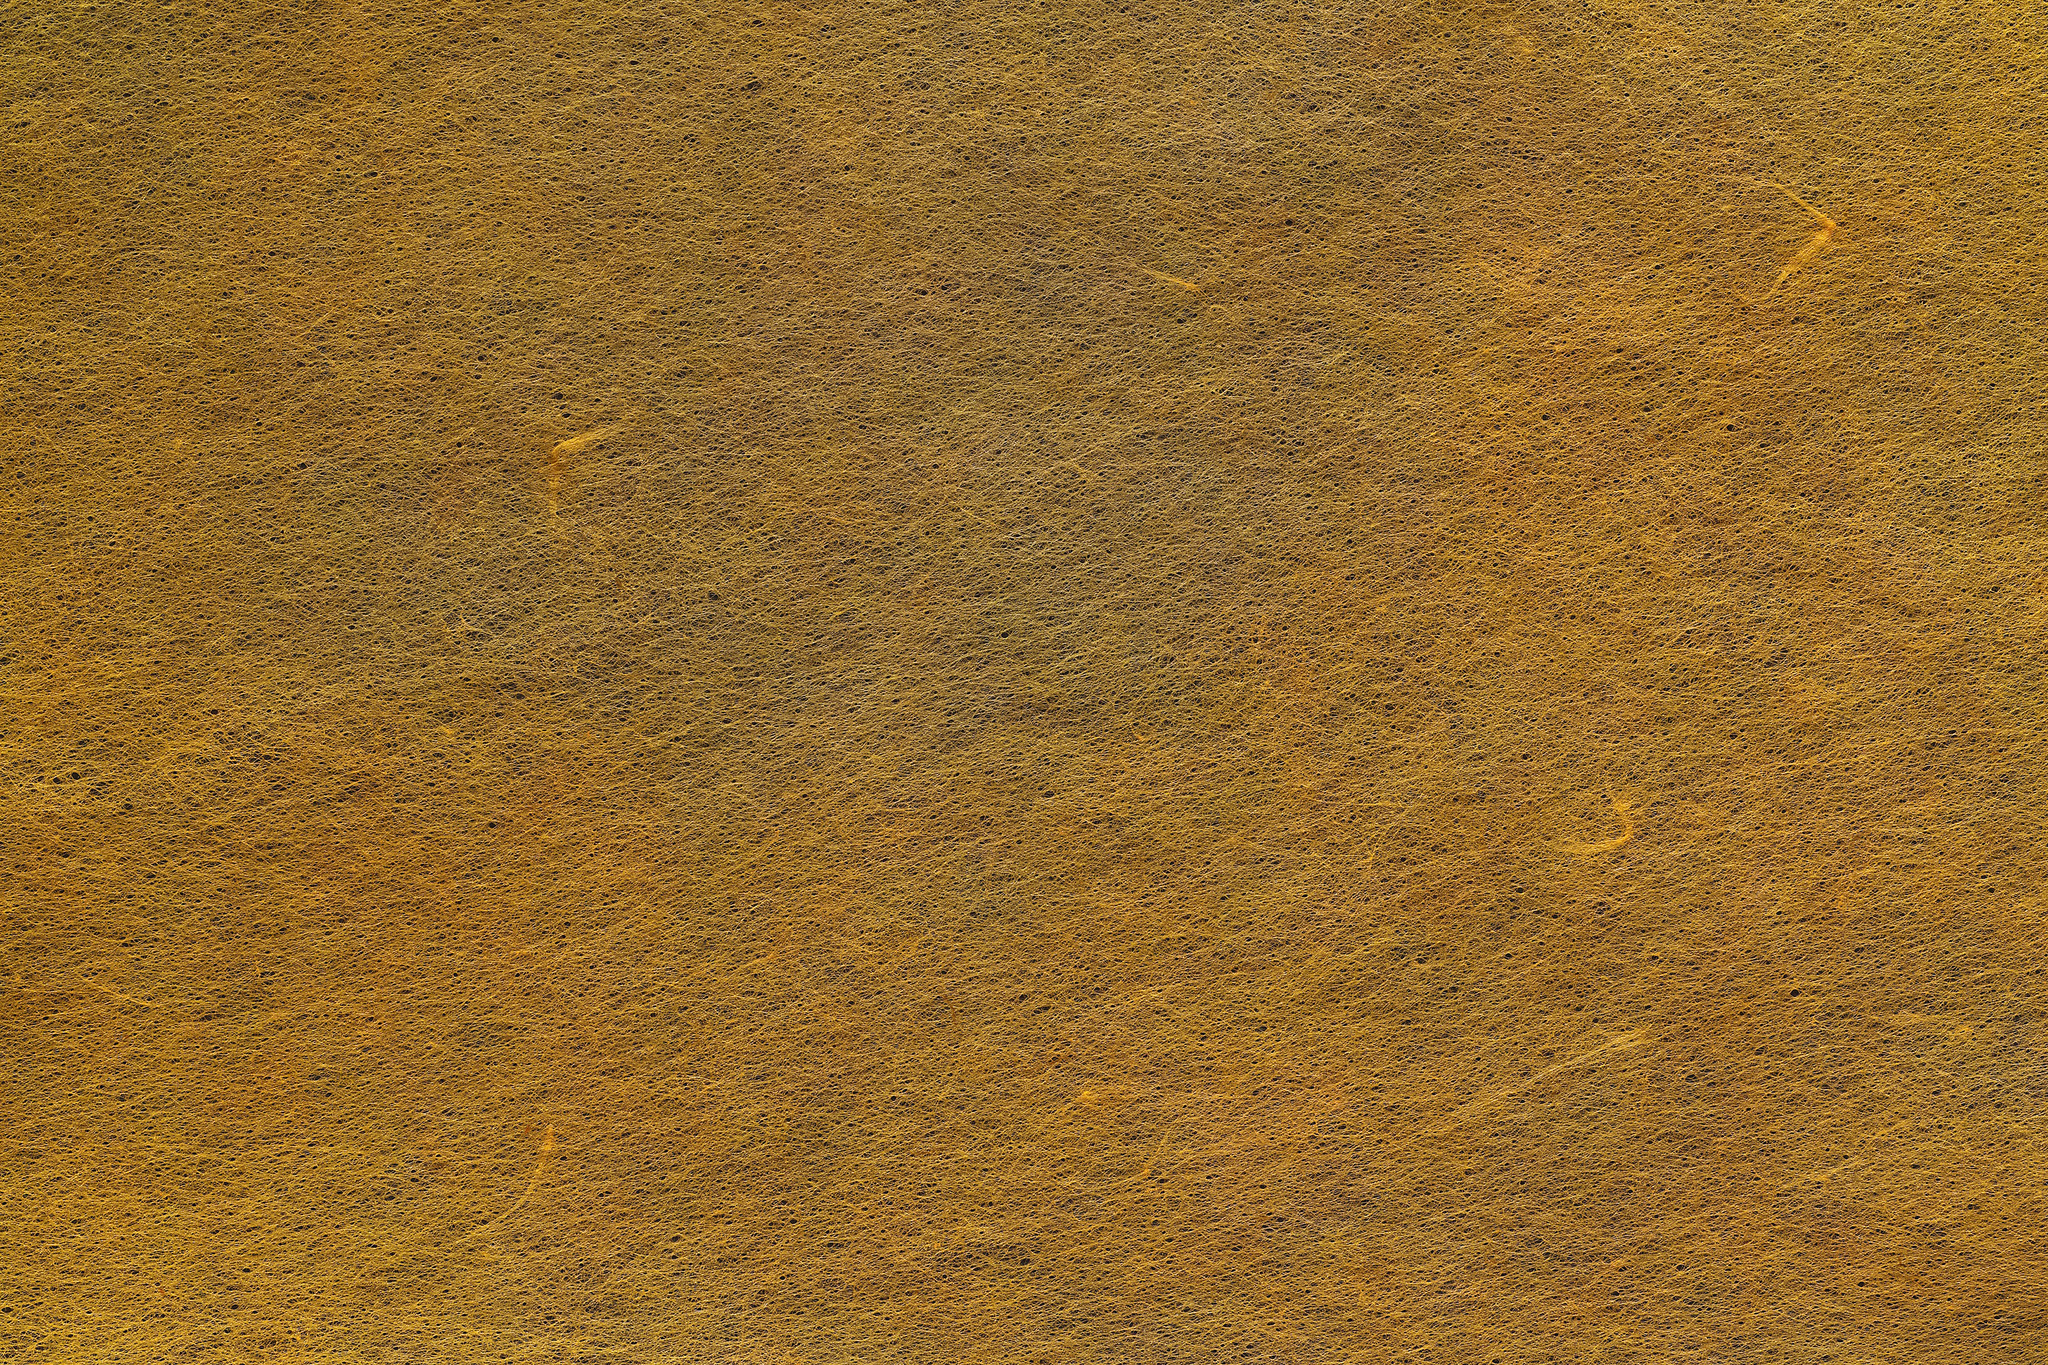 「僅かに筋がある唐茶色の和紙」の画像を無料ダウンロード